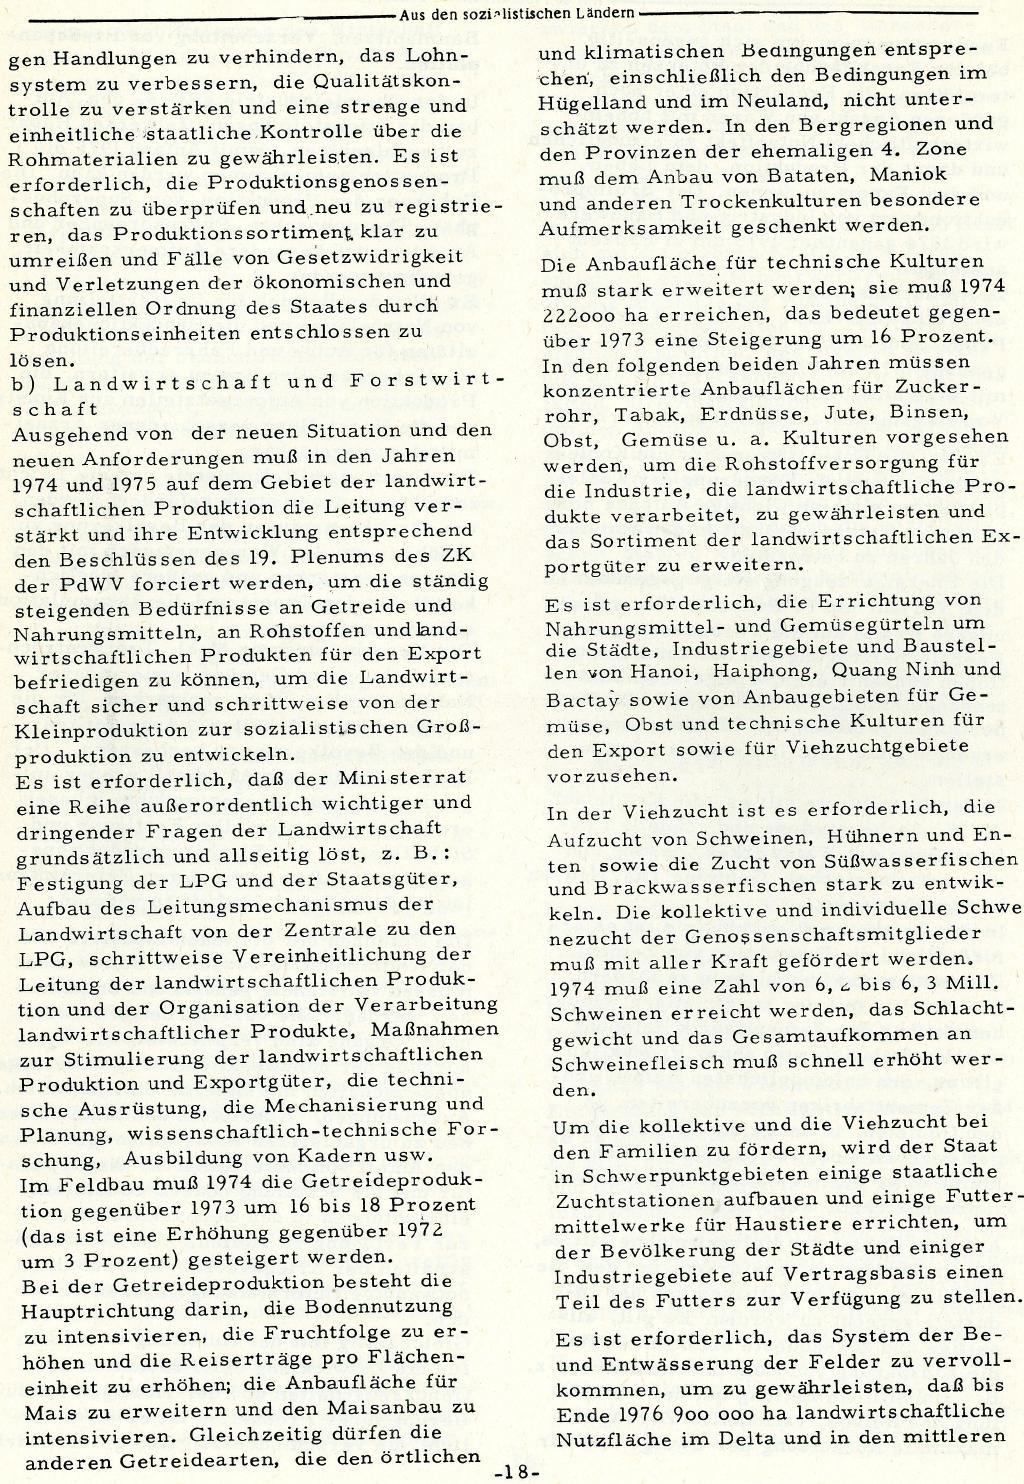 RPK_1974_24_25_18